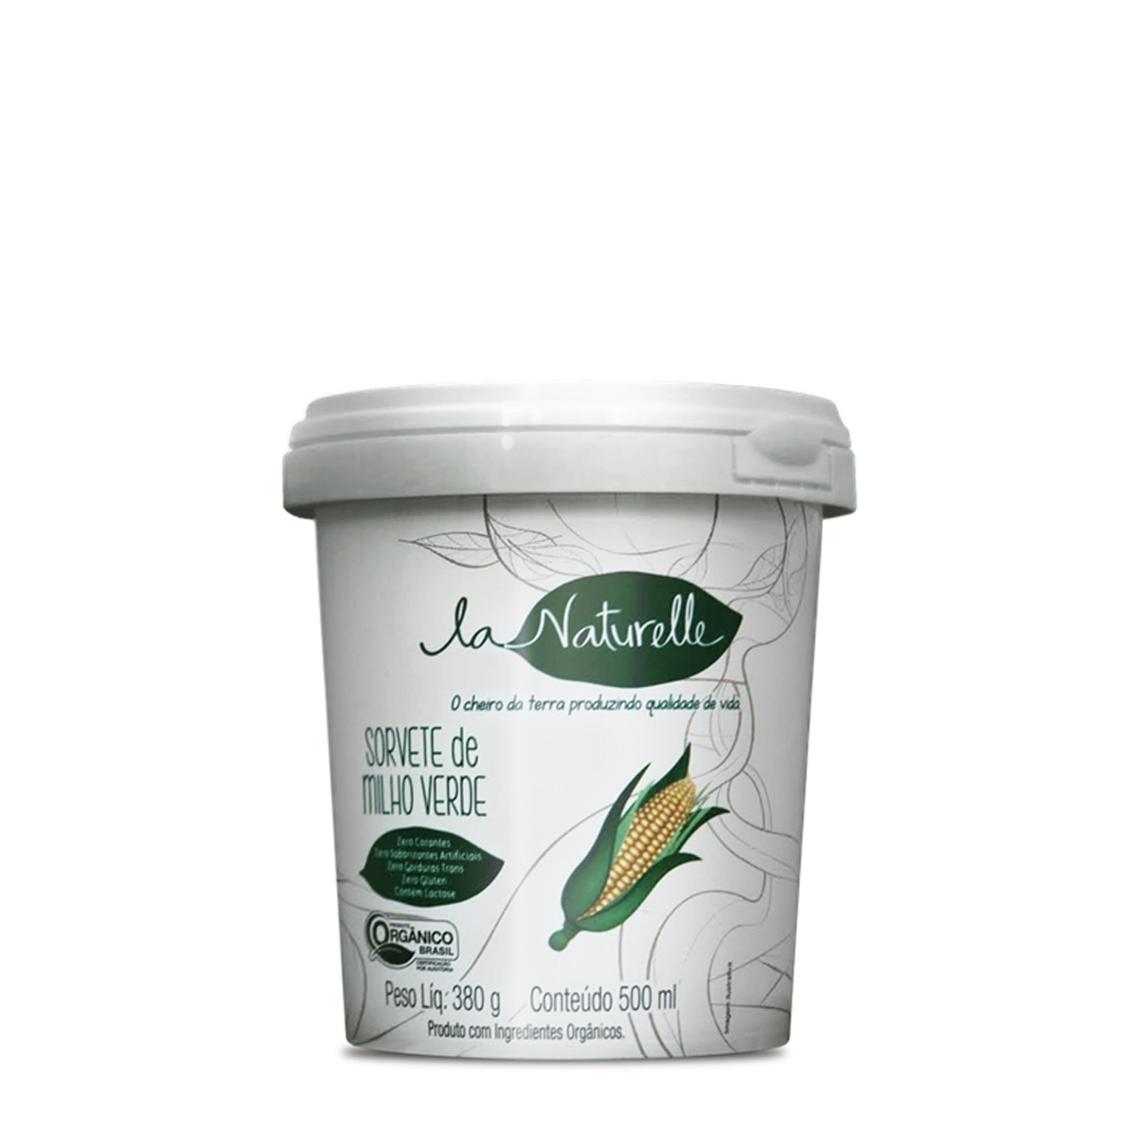 Sorvete de Milho Verde (500ml) – La Naturelle